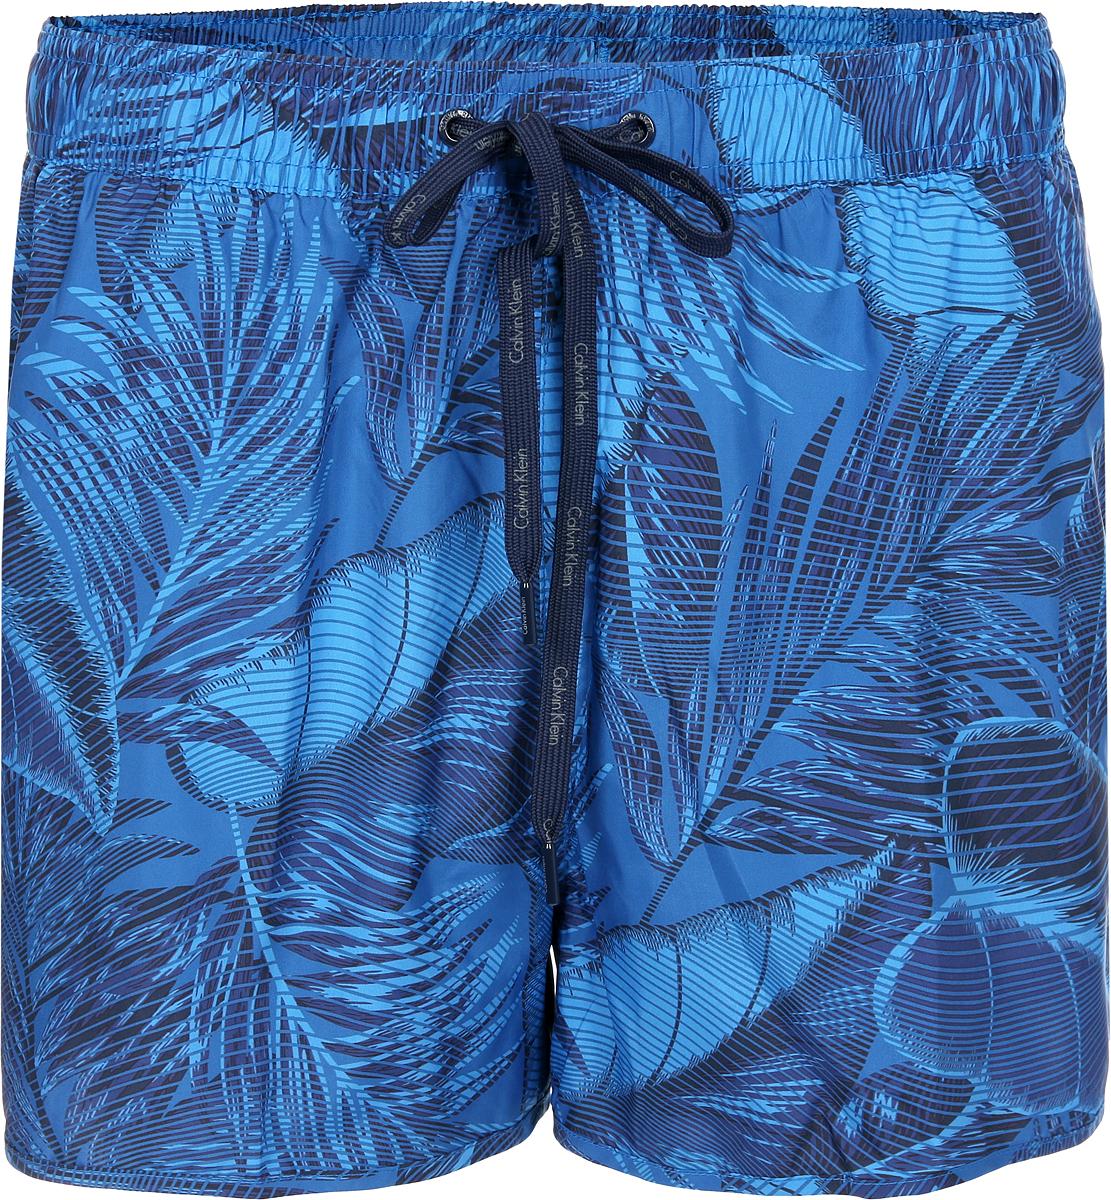 Шорты для плавания мужские Calvin Klein Underwear, цвет: синий. KM0KM00177_417. Размер M (50)KM0KM00177_417Мужские шорты для плавания Calvin Klein Underwear выполнены из полиэстера. Модель оформлена растительным принтом. Изделие имеет широкую эластичную резинку на поясе. Объем талии регулируется при помощи шнурка. Шорты дополнены одним накладным карманом сзади.